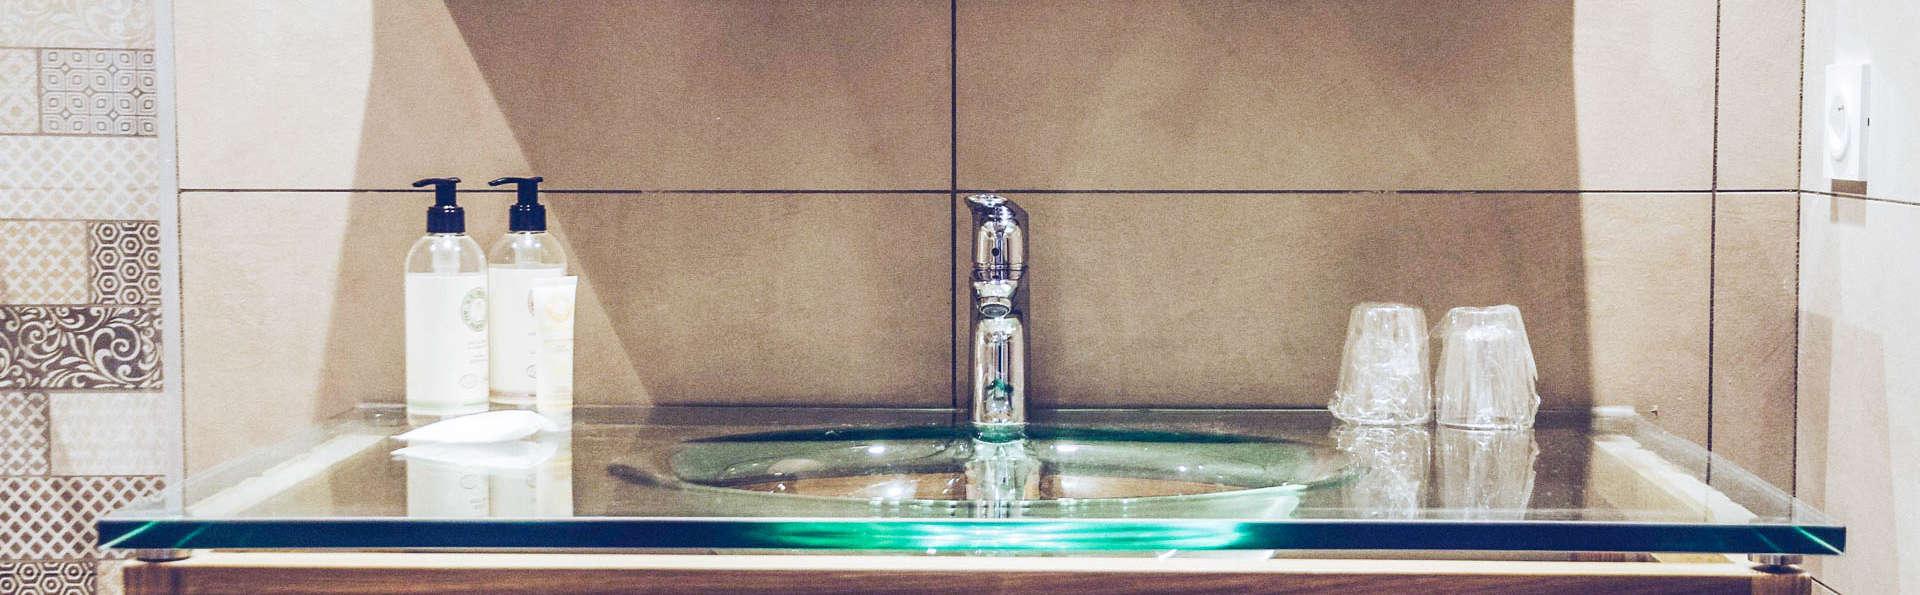 Best Western Plus Hyeres Cote d'Azur - EDIT_Room-13.jpg